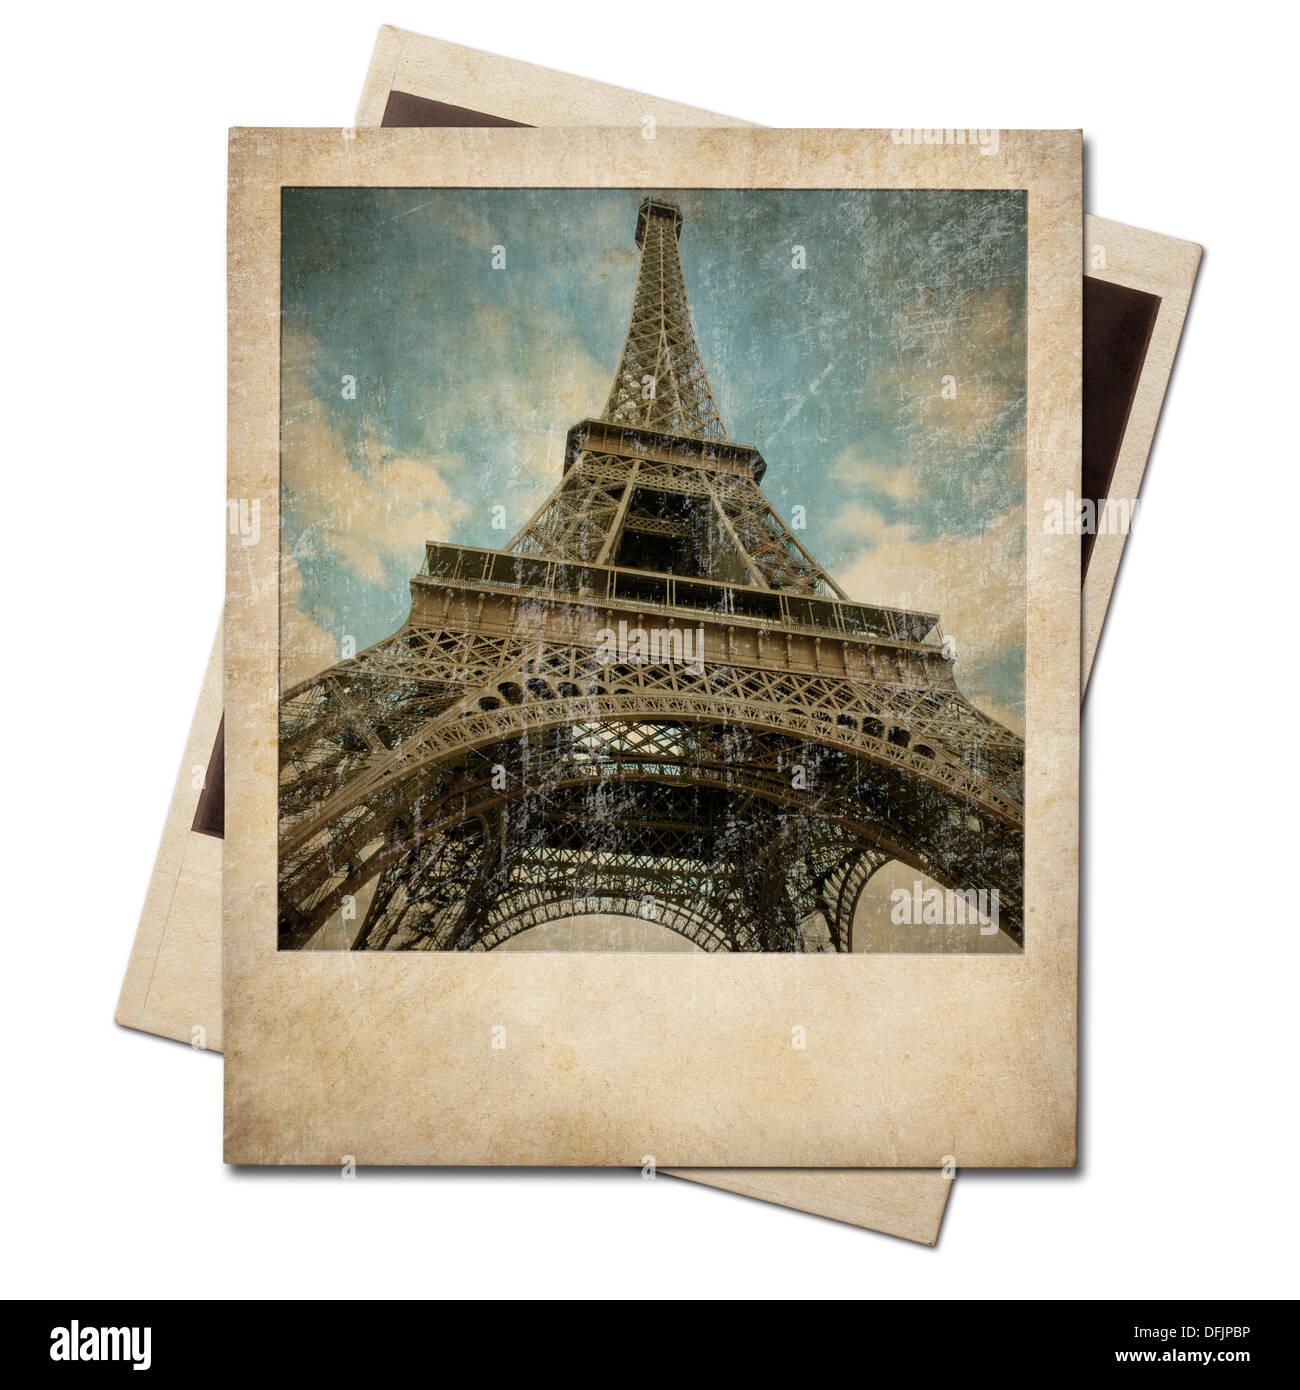 Vintage polaroid Eiffel tower instant photo - Stock Image